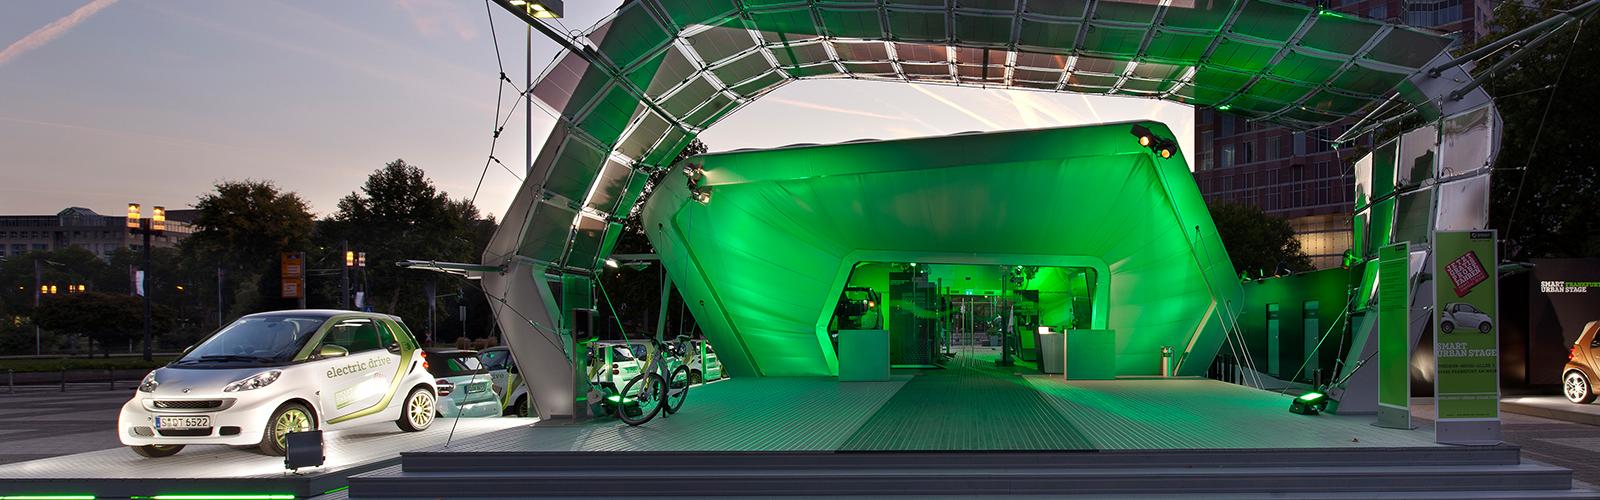 Braunwagner Spatial und Interior Design smart urban stage und BASF solar gate